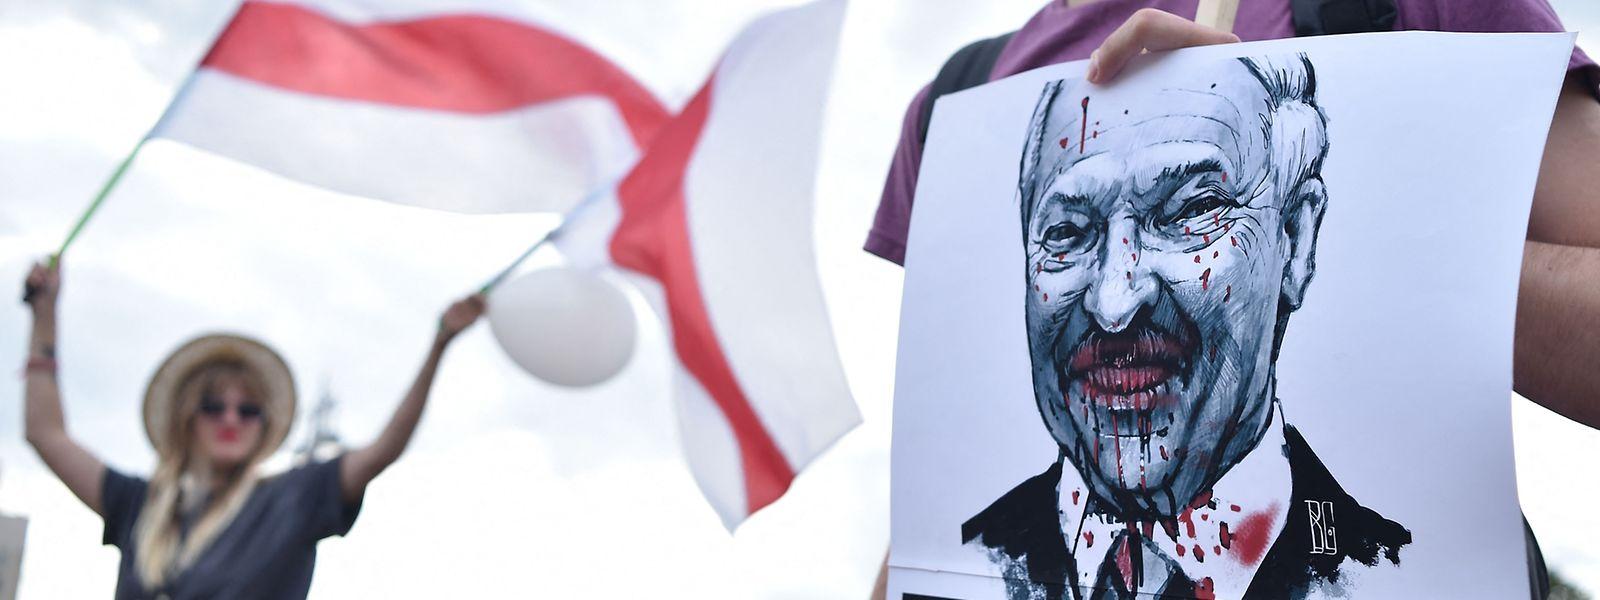 Während ausländische Geldhäuser Lukaschenkos Machterhalt mitfinanzieren, gehen die Proteste gegen das Regime weiter.